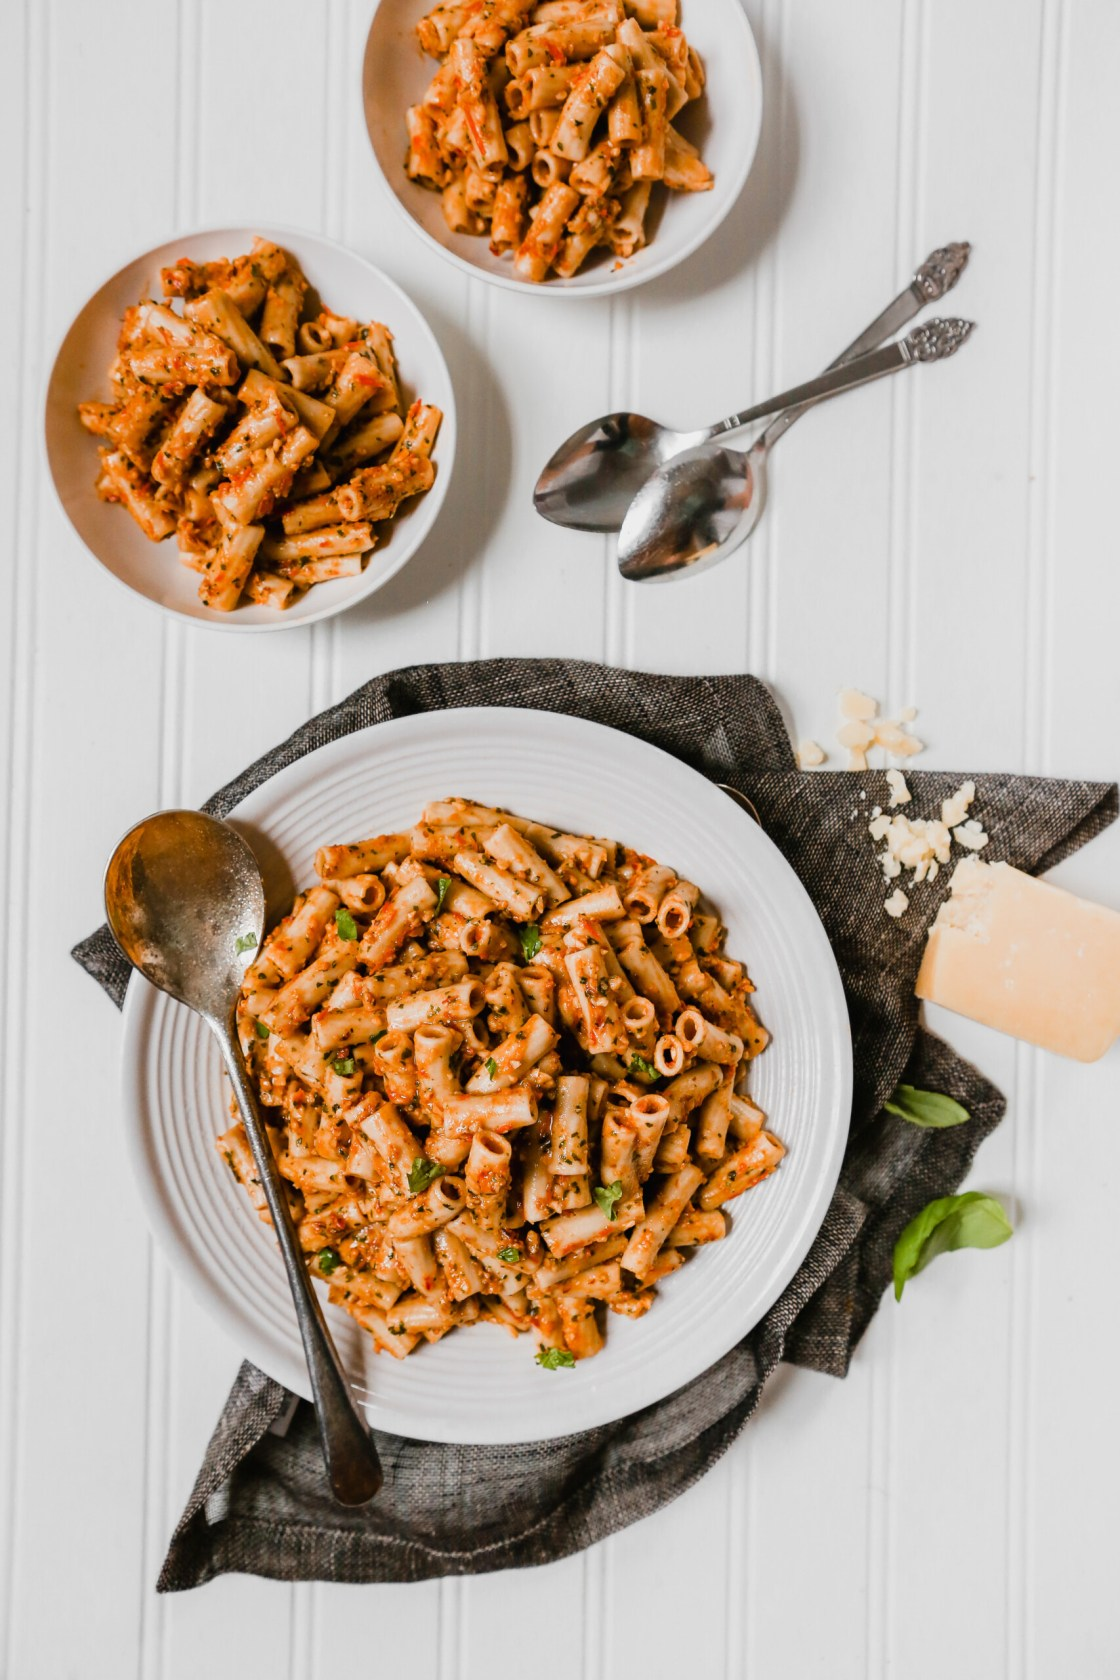 Trapanese pesto pasta piled into a white bowl with a dark napkin around it